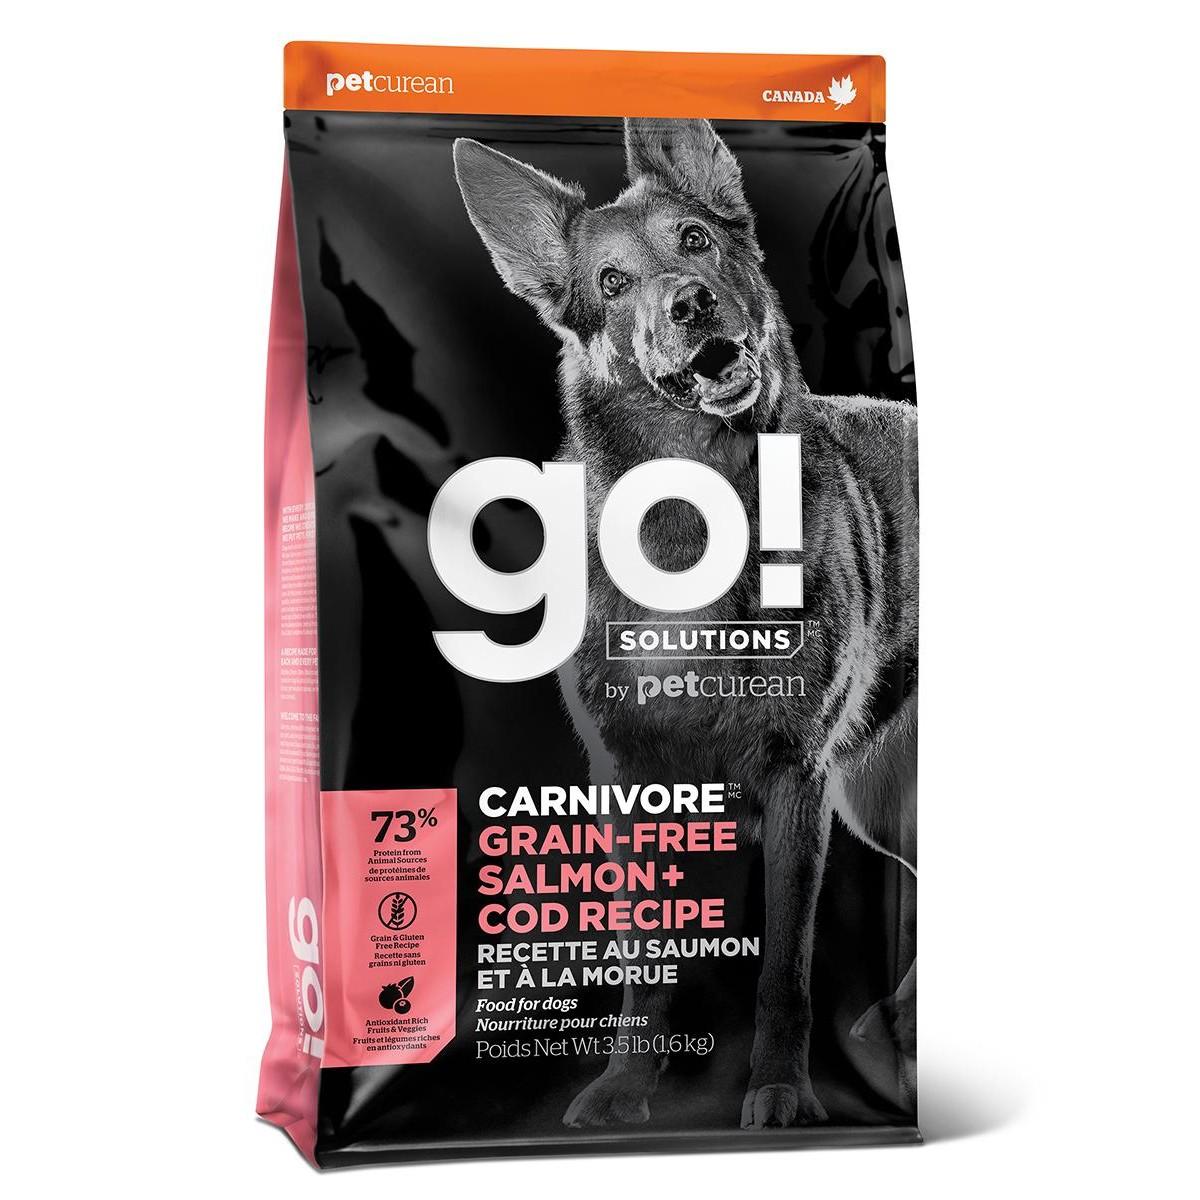 Сухой корм для щенков и собак GO! NATURAL HOLISTIC беззерновой Лосось и Треска 9.98 кг